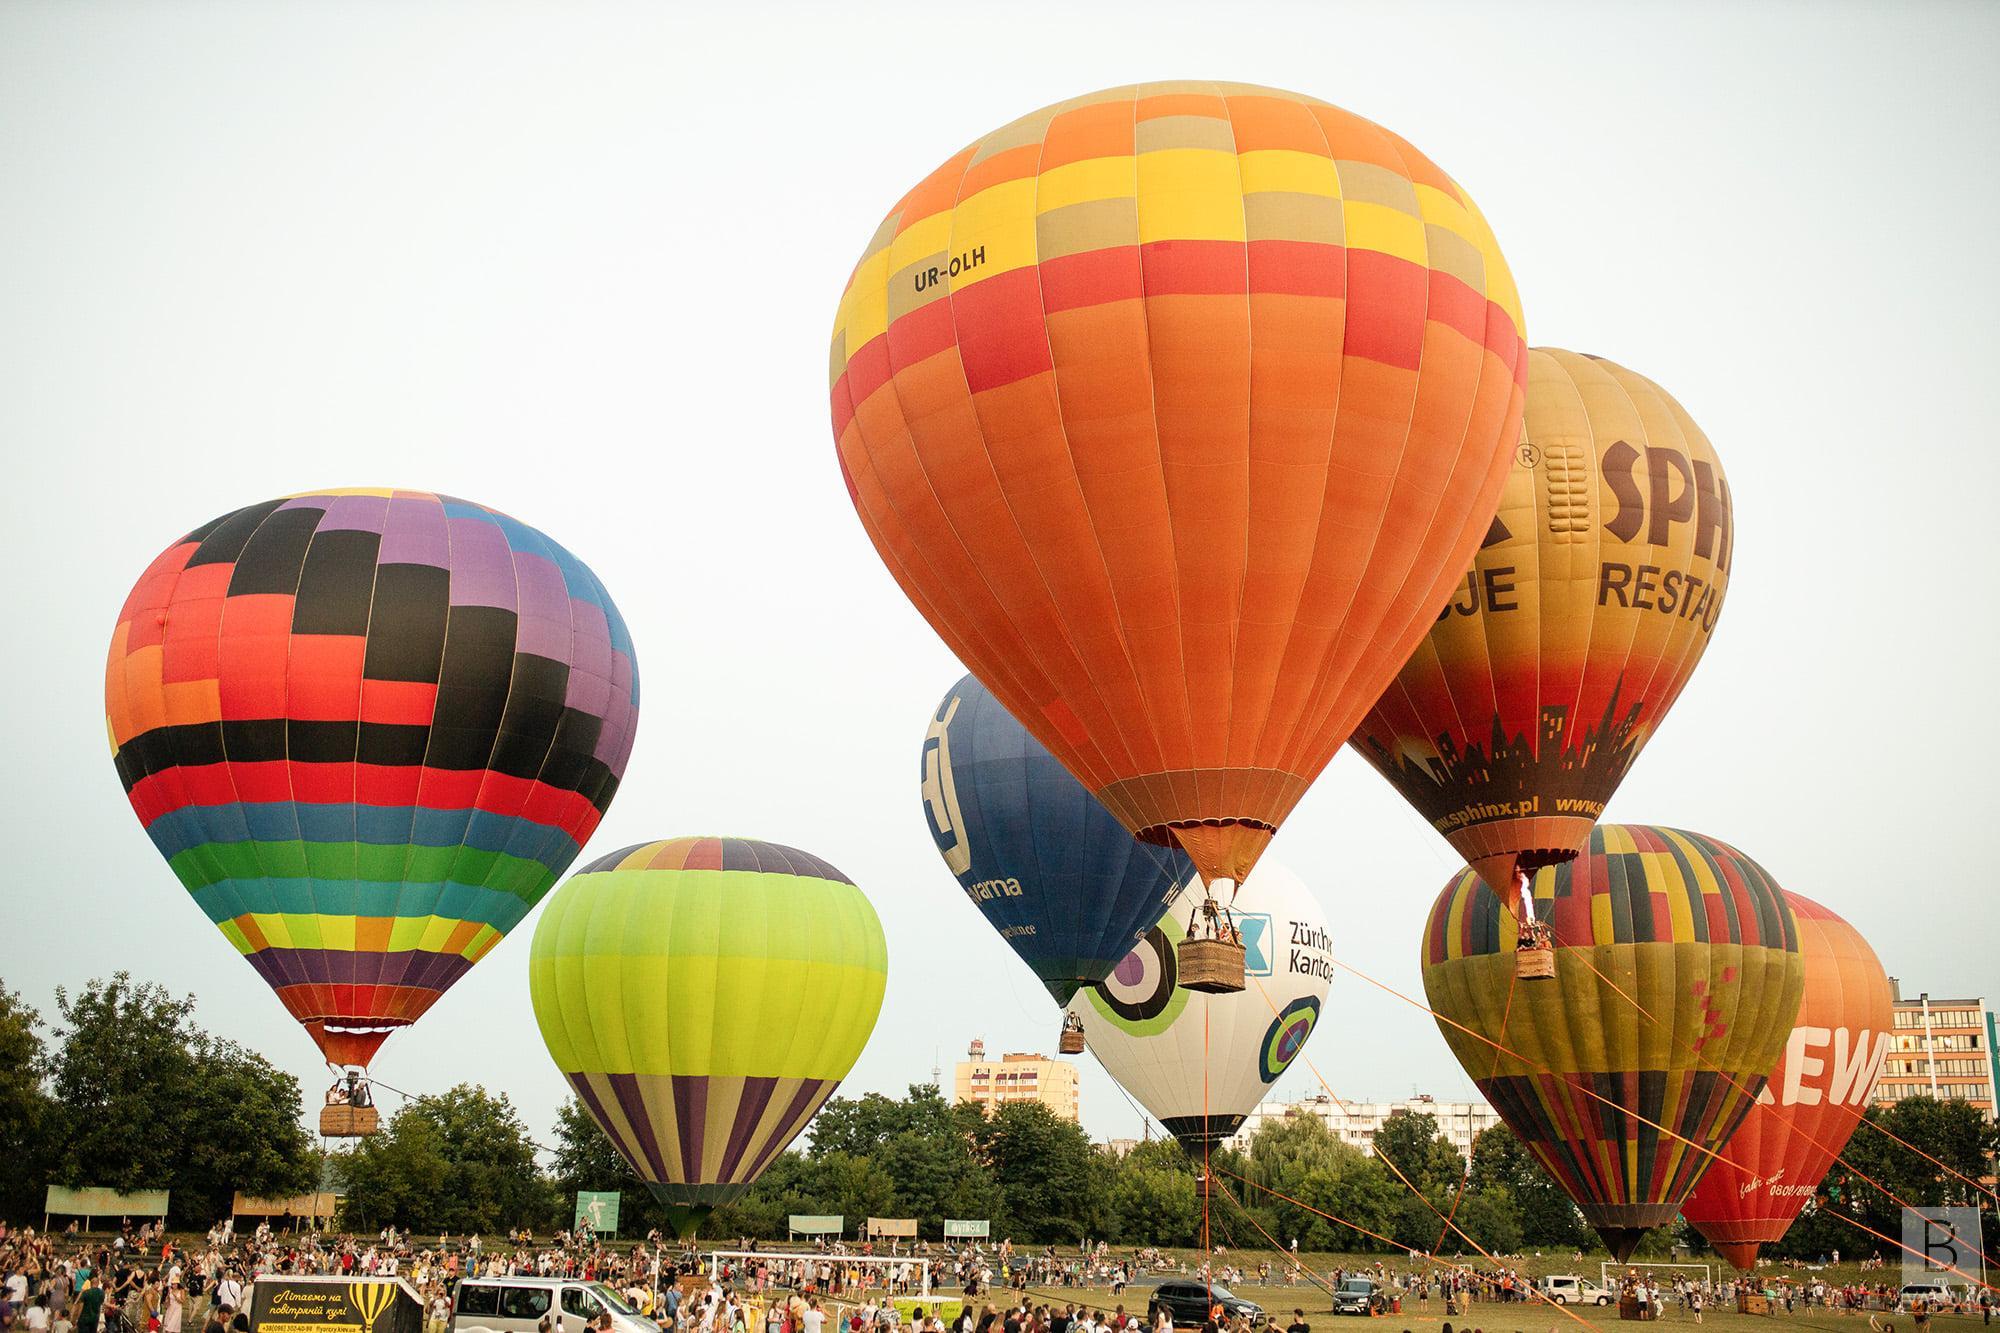 Через негоду: фестиваль повітряних куль у Чернігові перенесли на 1 жовтня